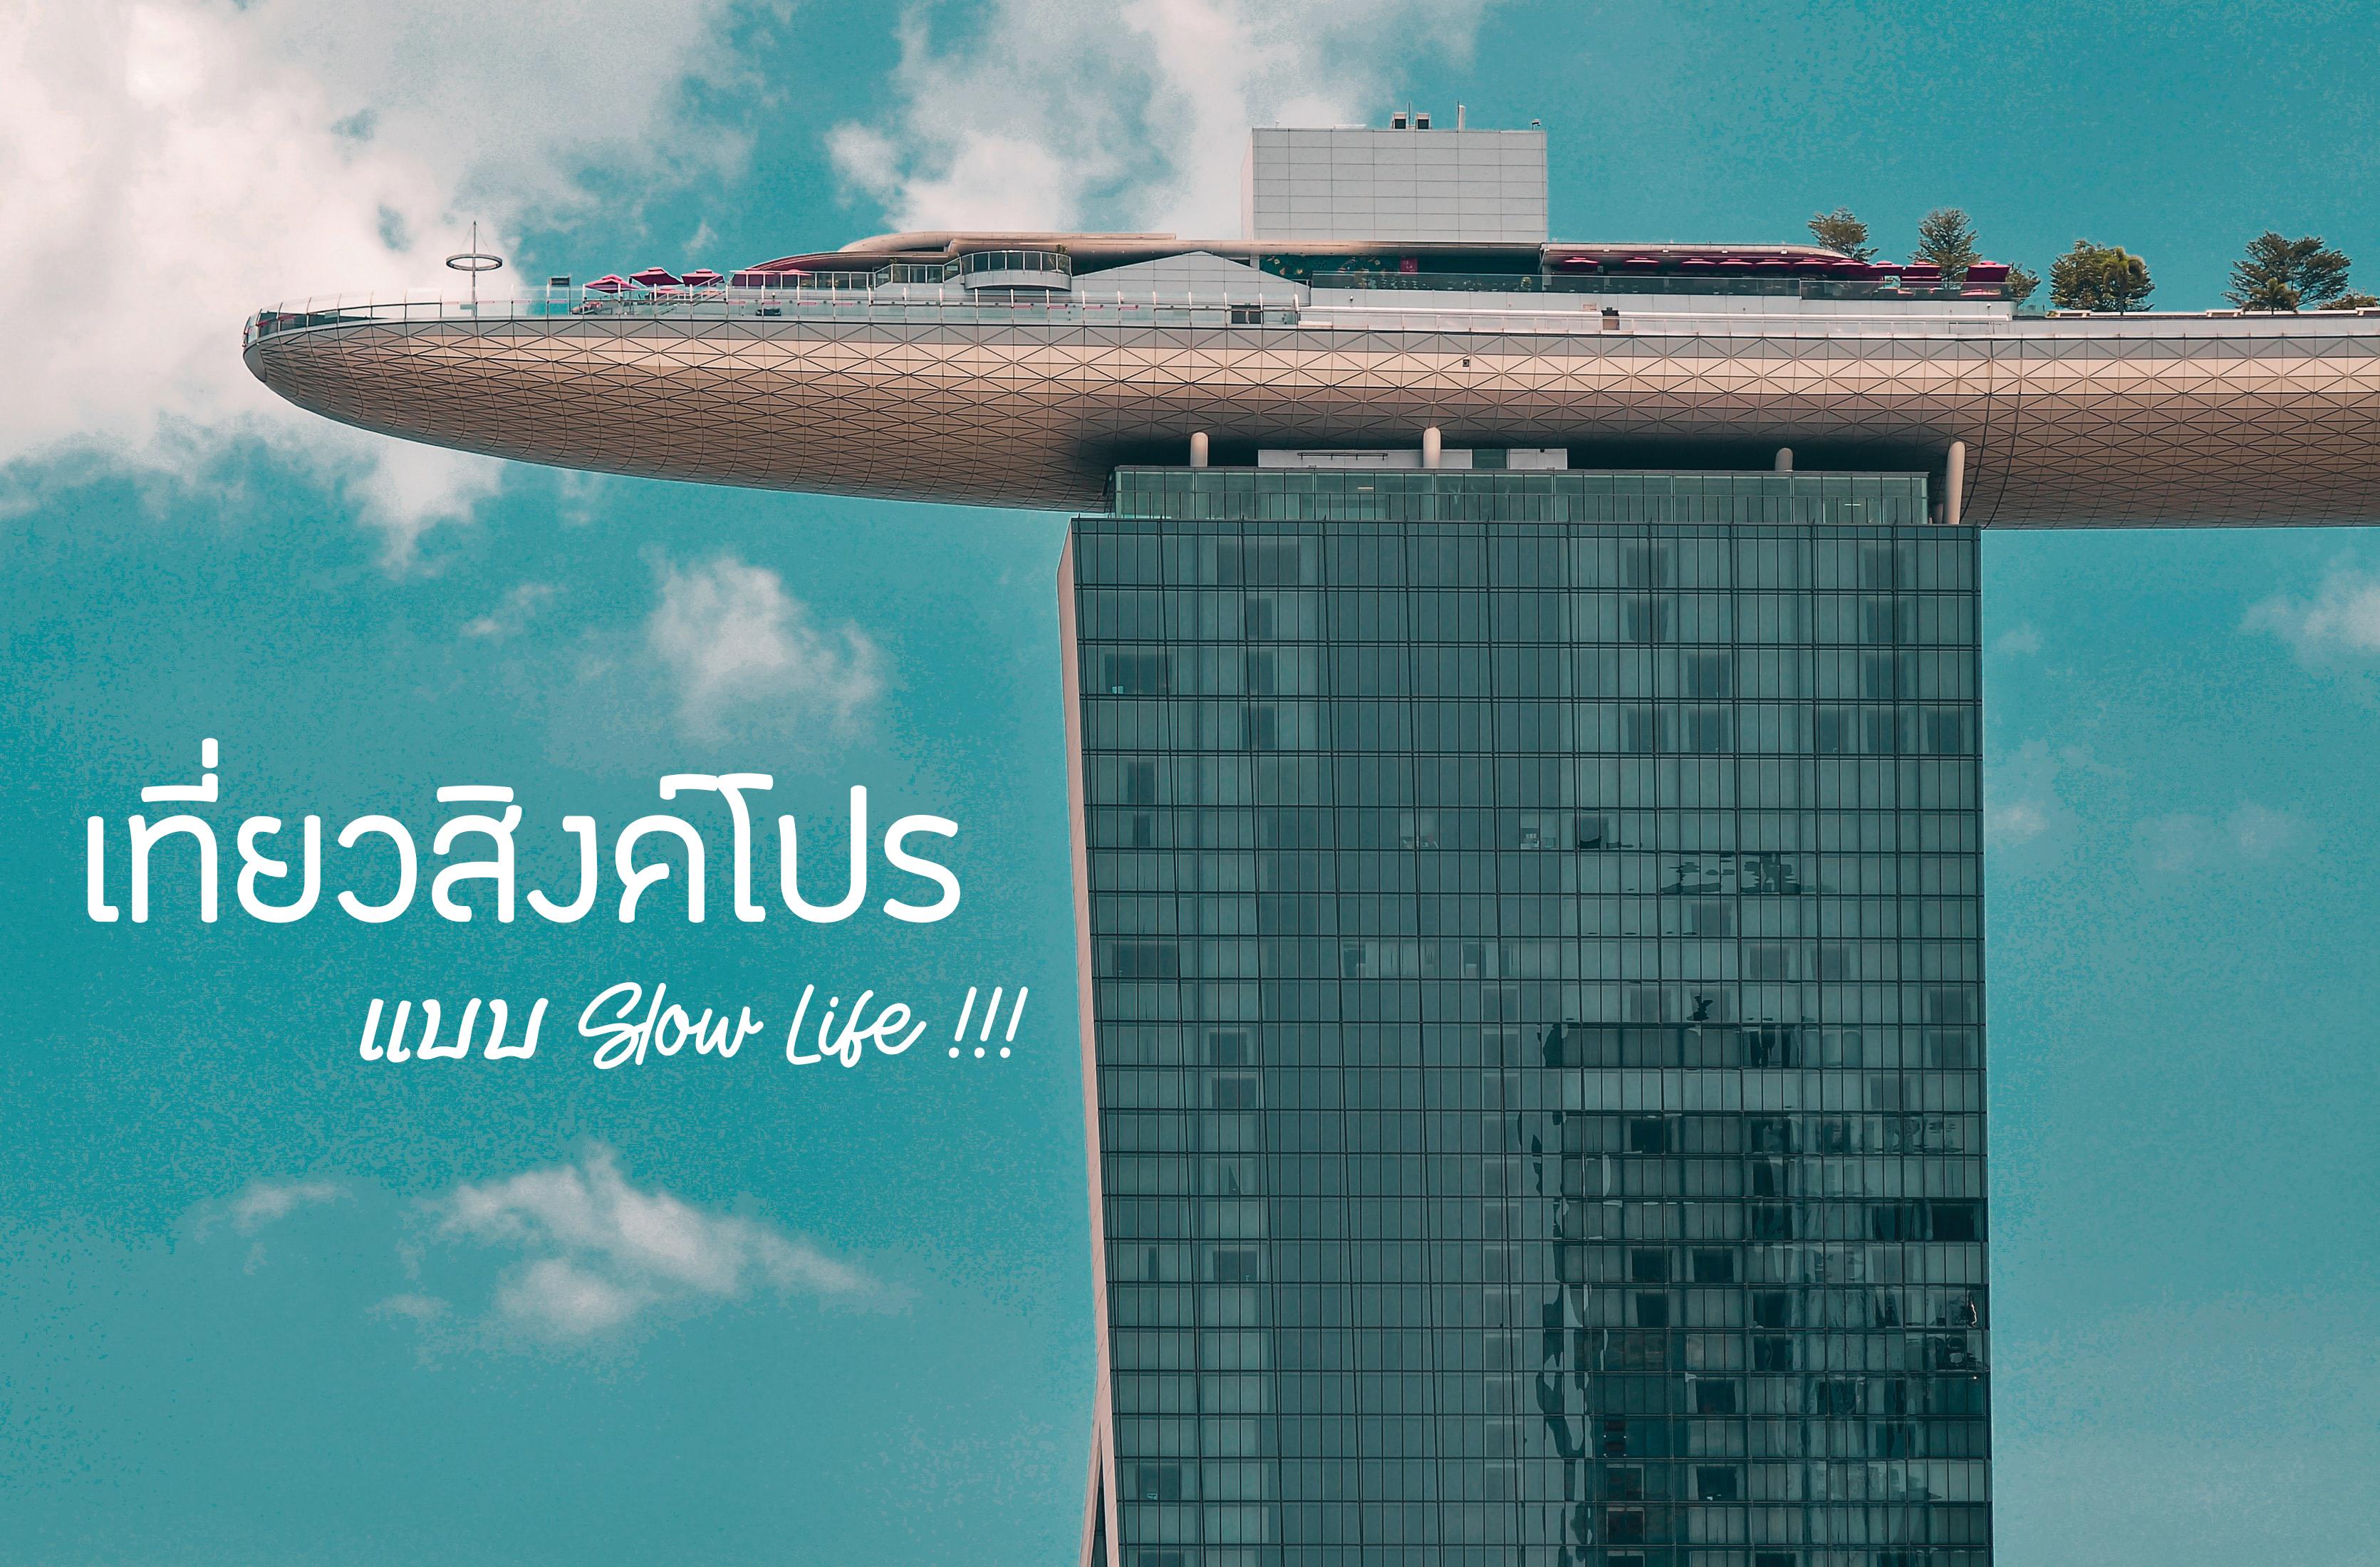 เที่ยวสิงคโปร์ แบบ slow life !!!